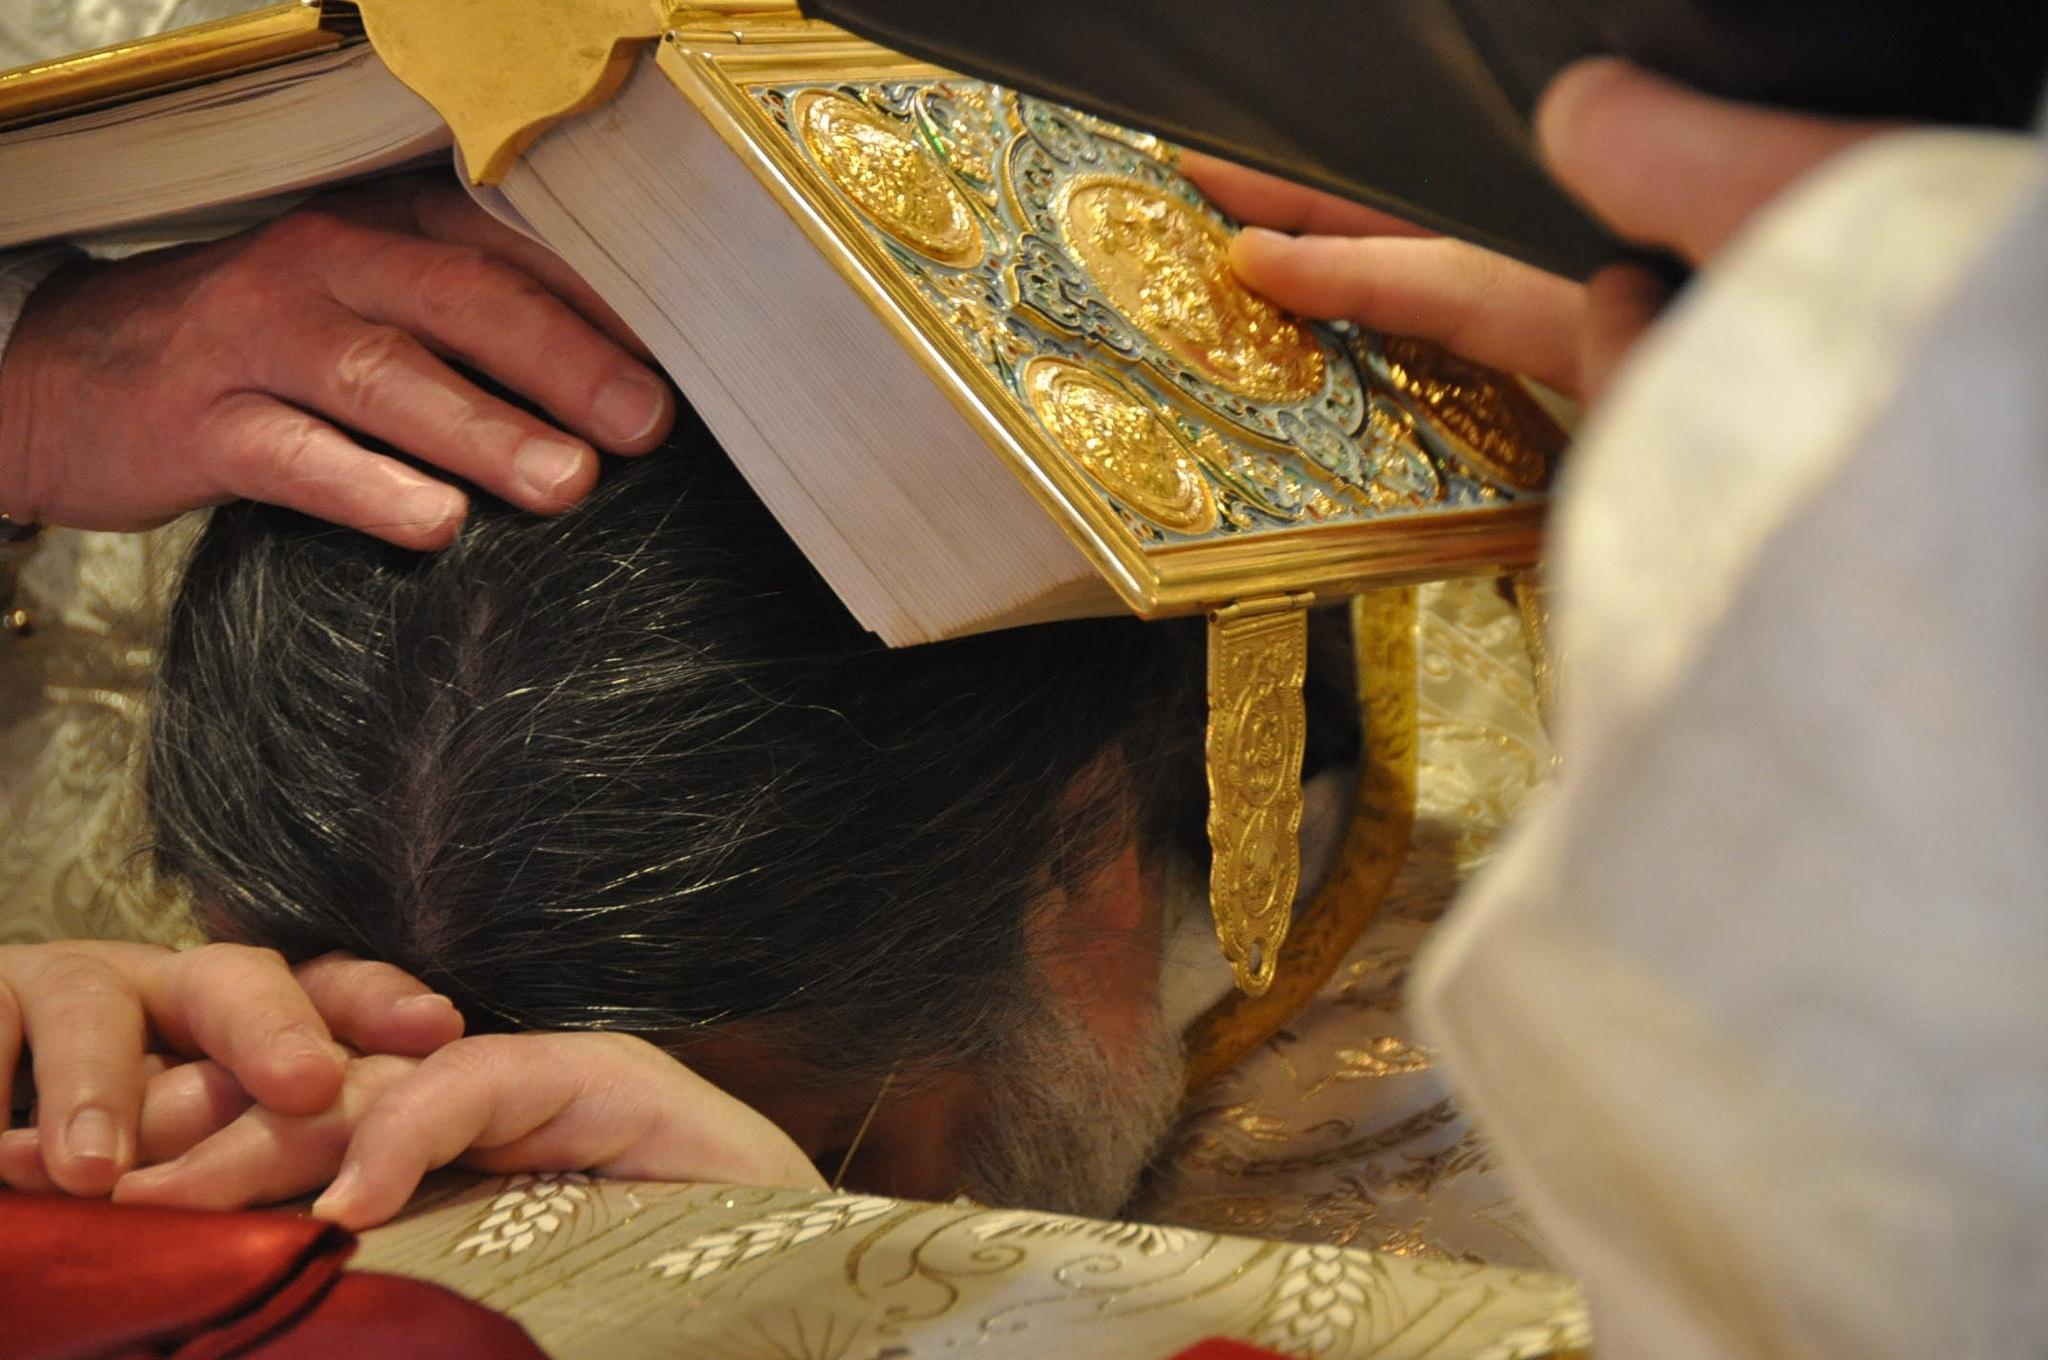 Agenouillé devant l'autel, l'évangéliaire ouvert sur sa tête, le nouvel évêque est consacré (© 2019 Alex Romash).